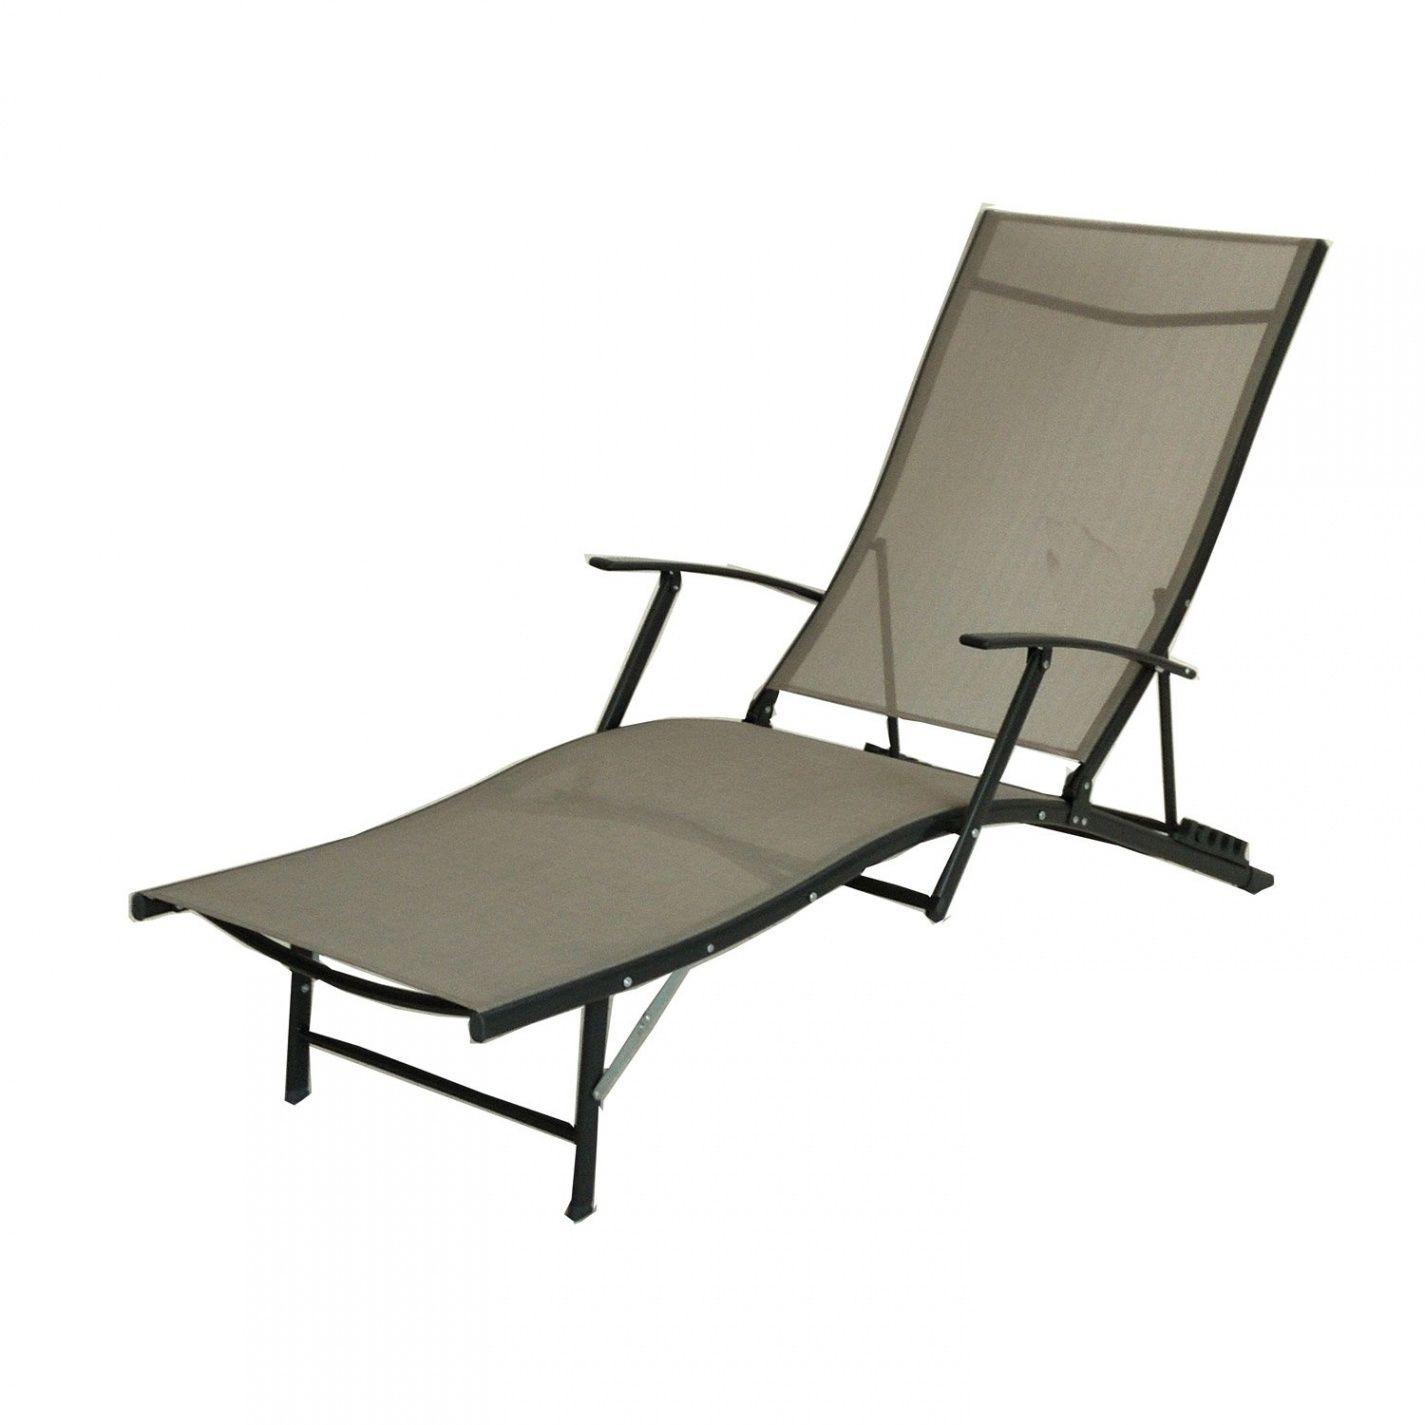 chaise longue jardin bois best of chaises longues de jardin chaise longue bois jardin de chaise longue jardin bois